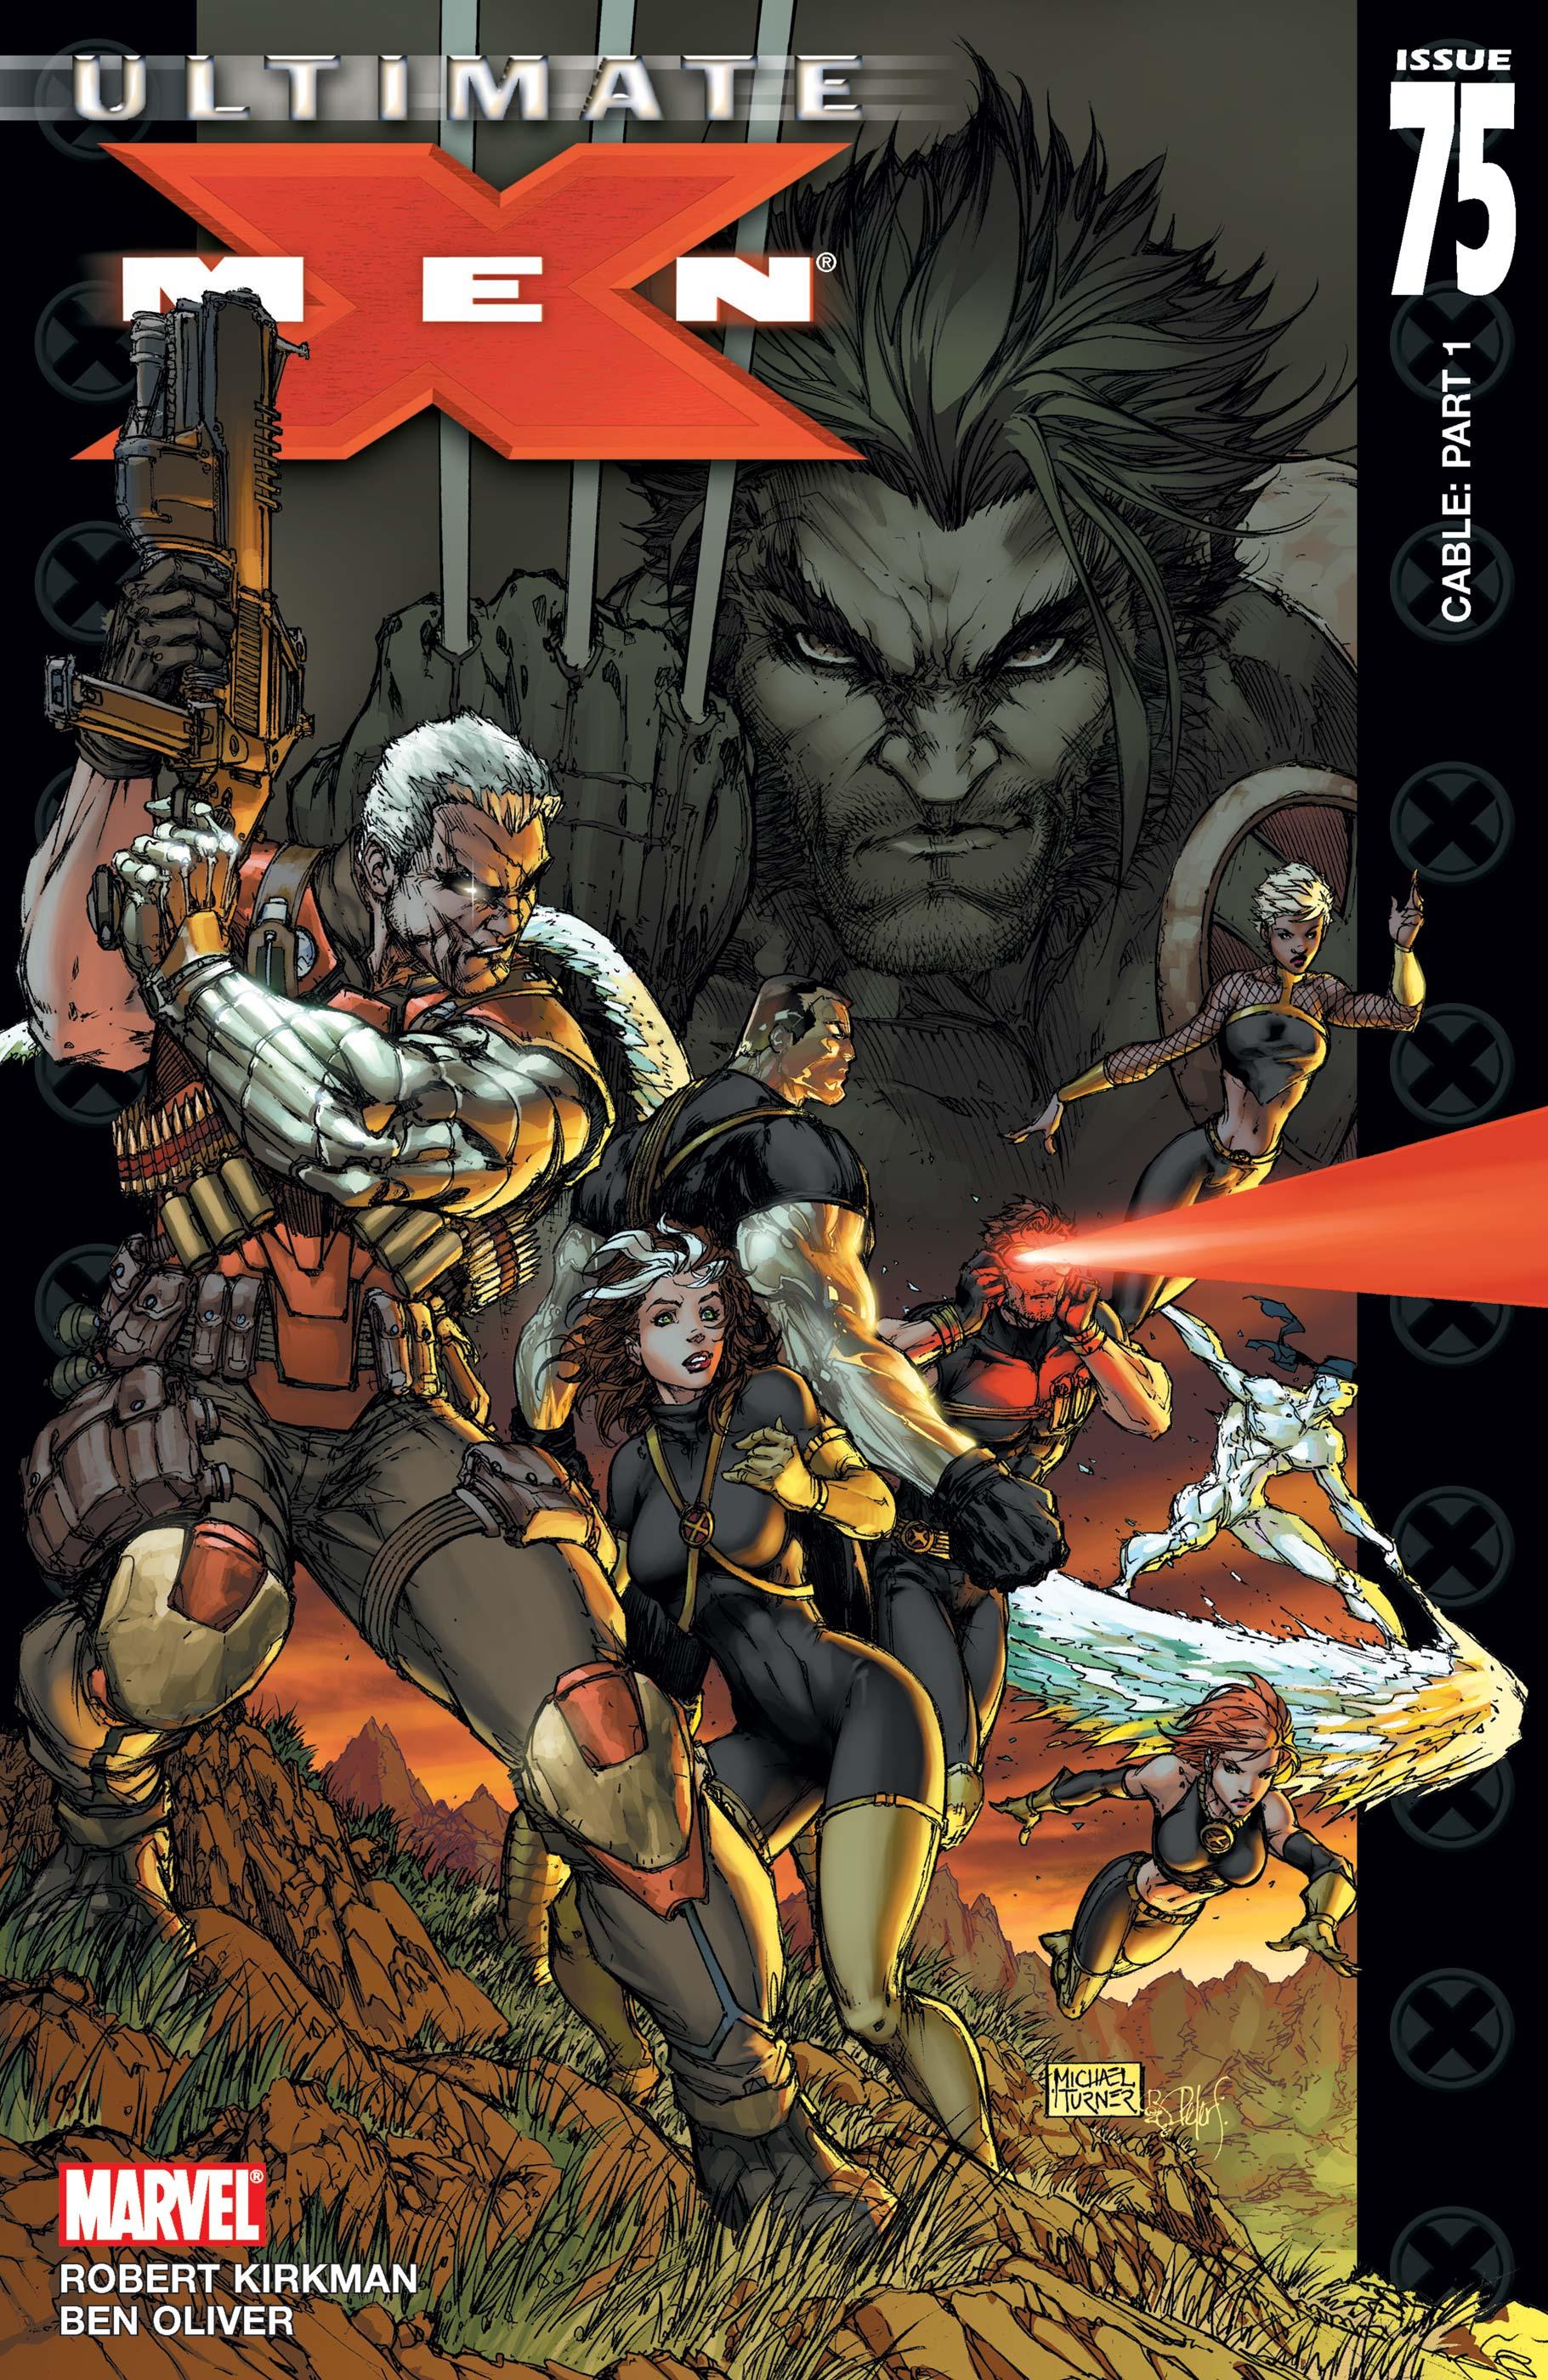 Ultimate X-Men (2001) #75